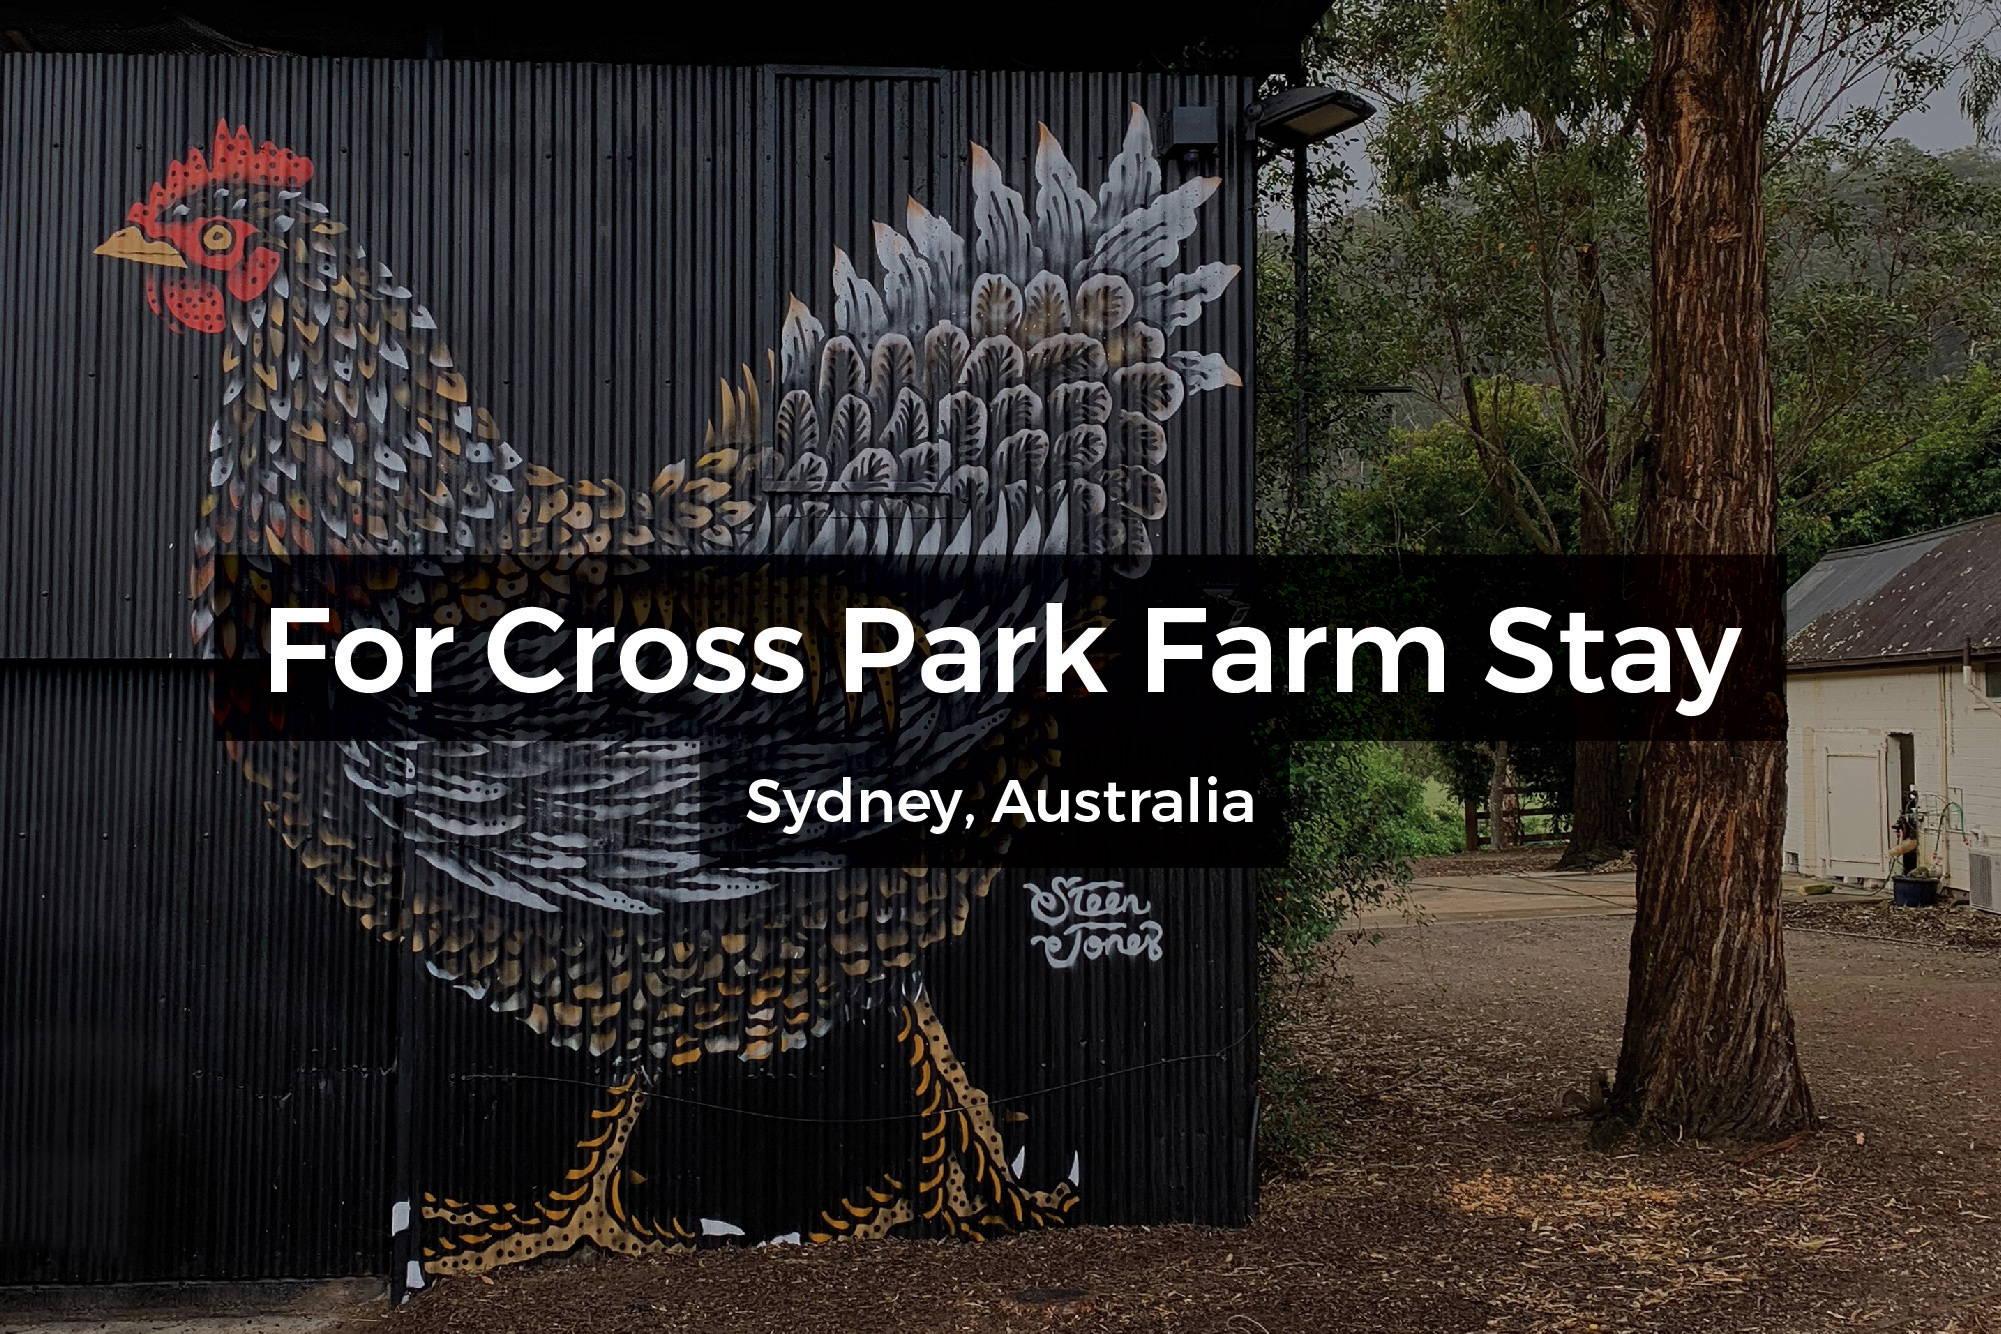 Murals at Cross Park Farm Stay in Sydney, Australia by Steen Jones